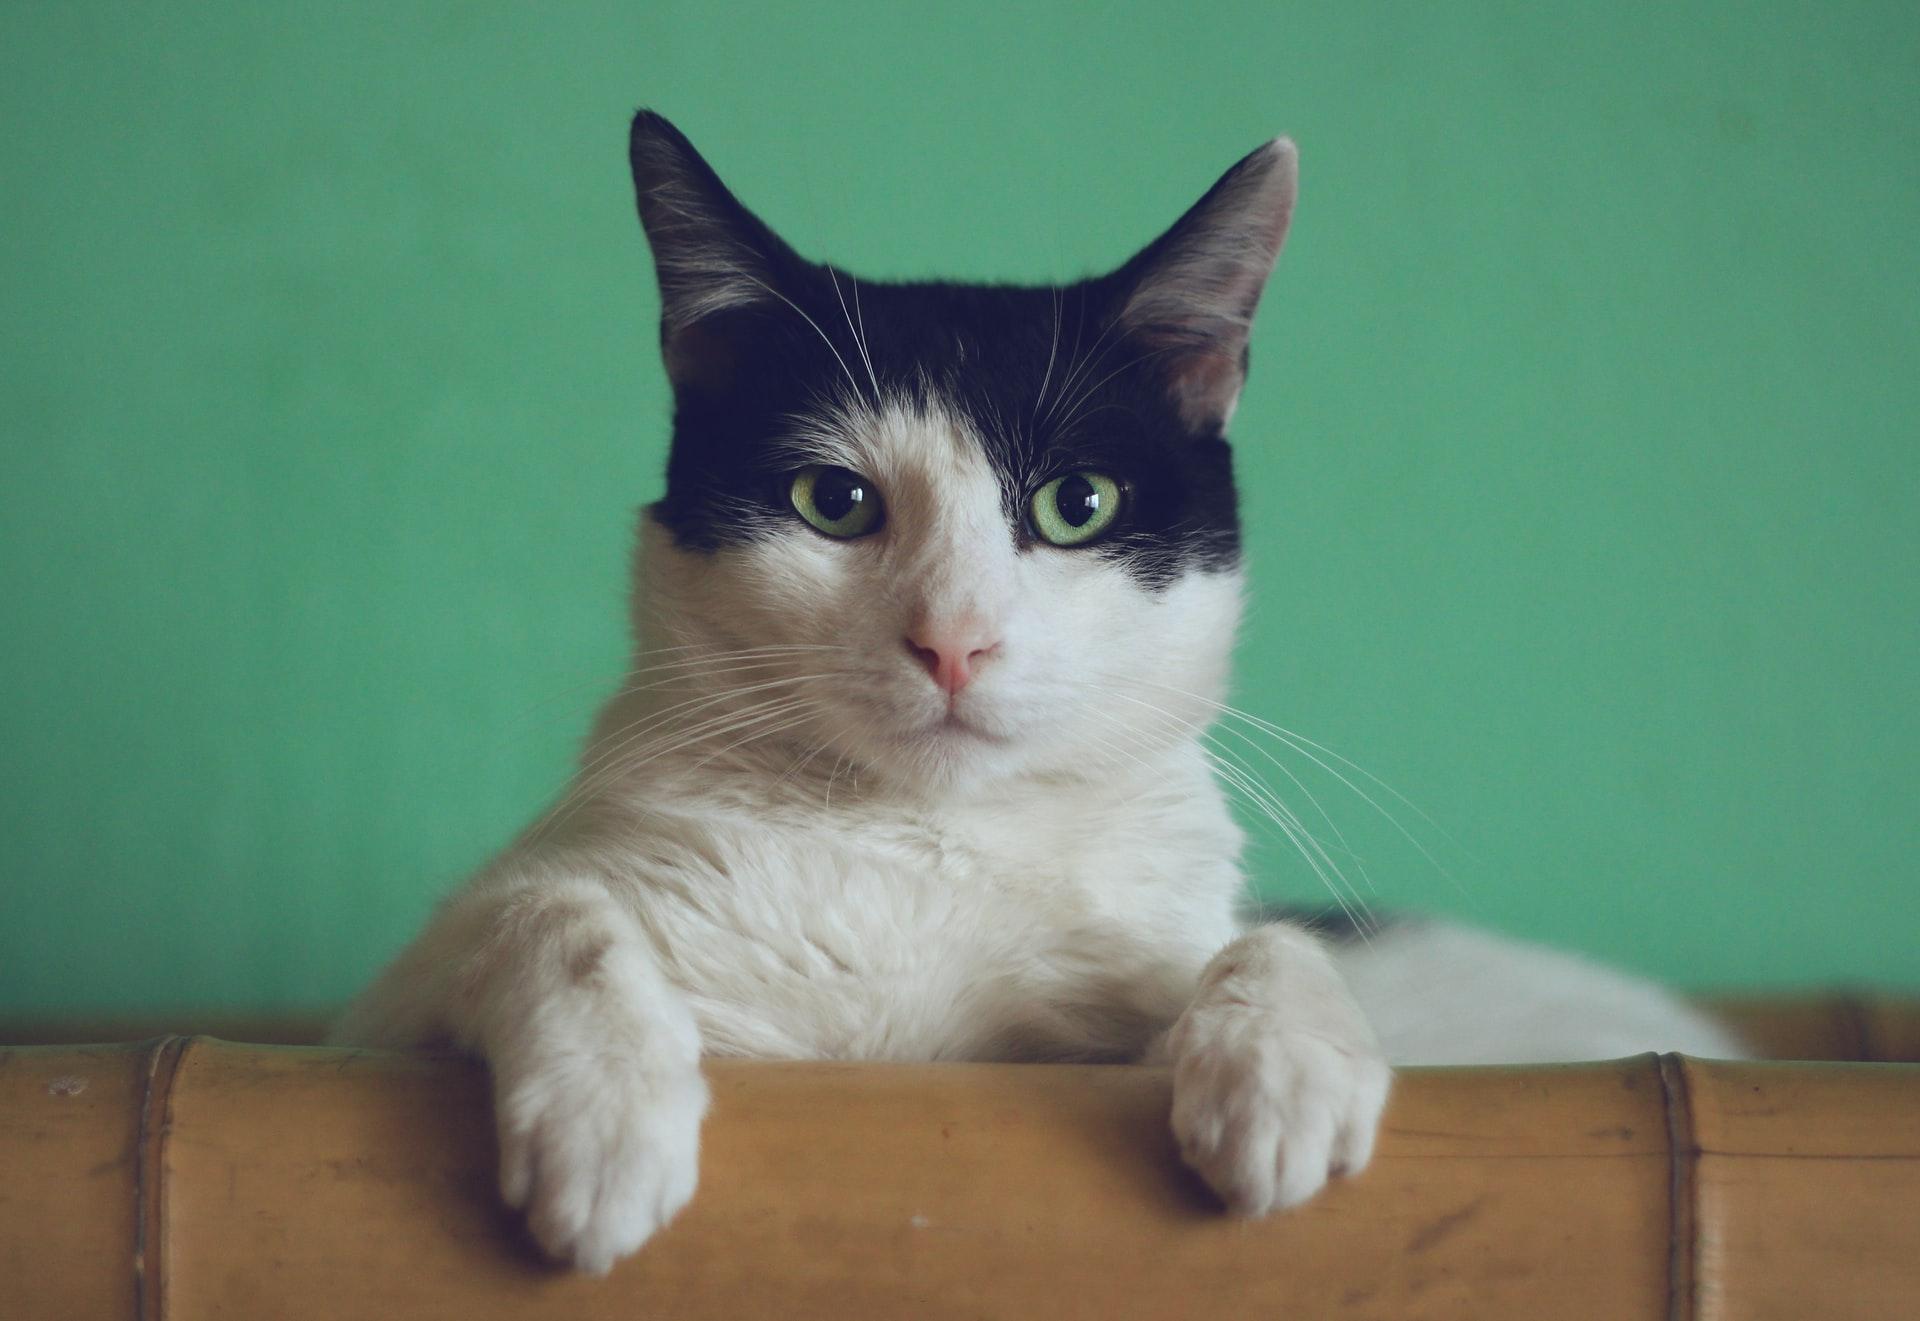 hvad koster det at aflive en kat